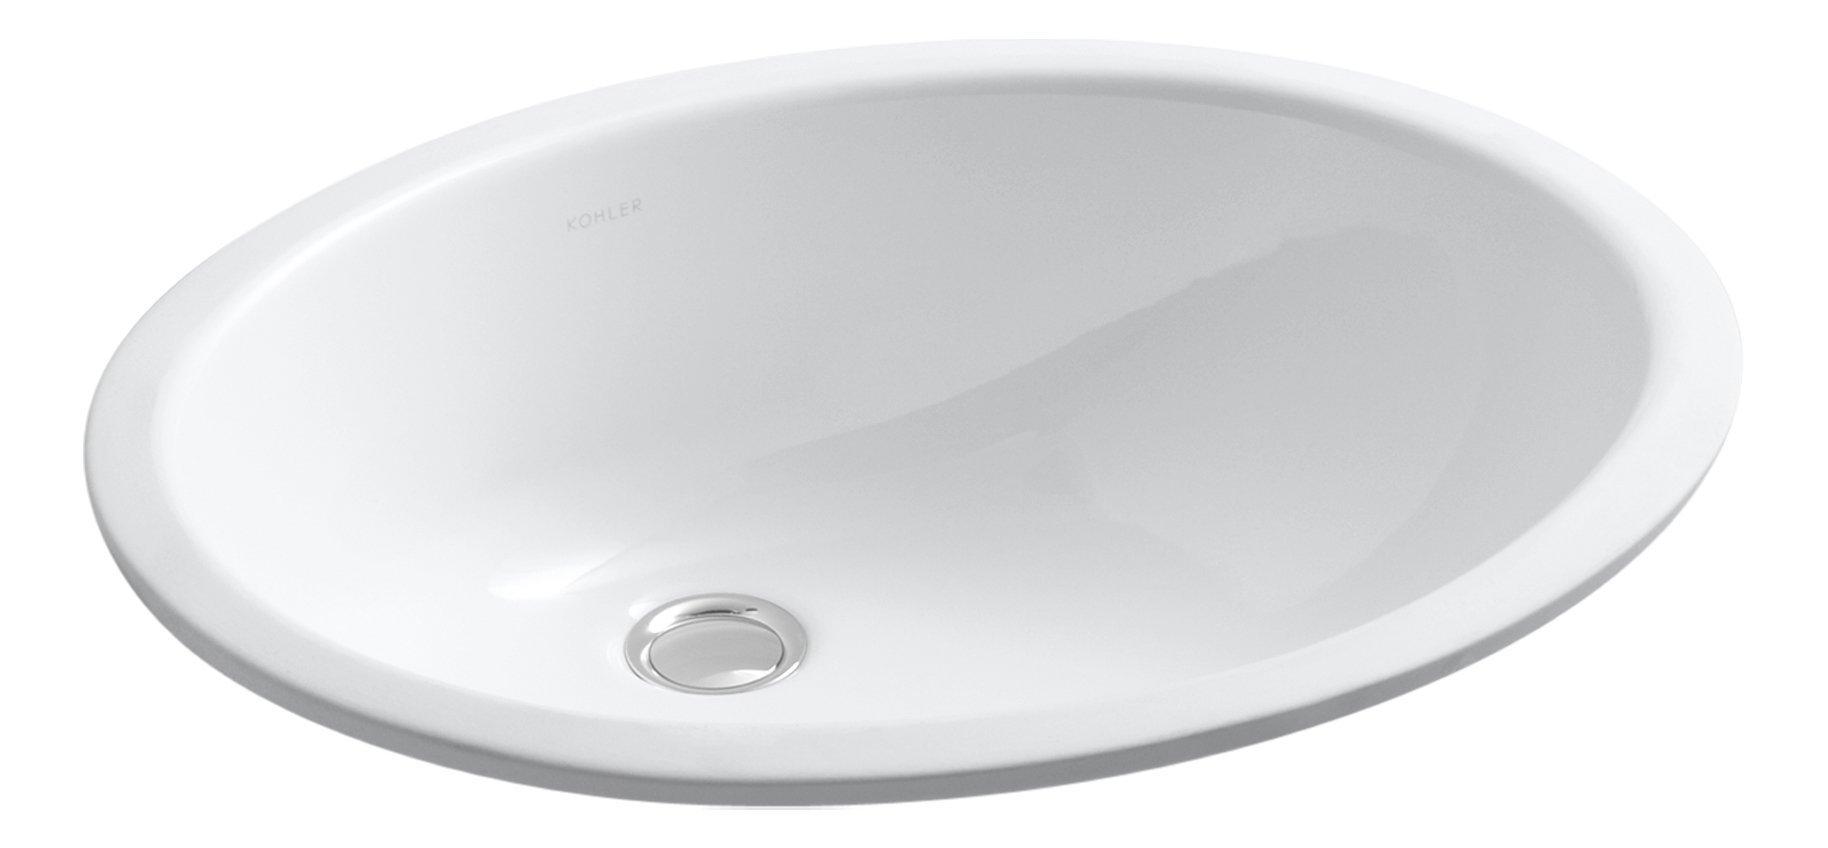 KOHLER K-2210-0 Caxton Undercounter Bathroom Sink, White by Kohler